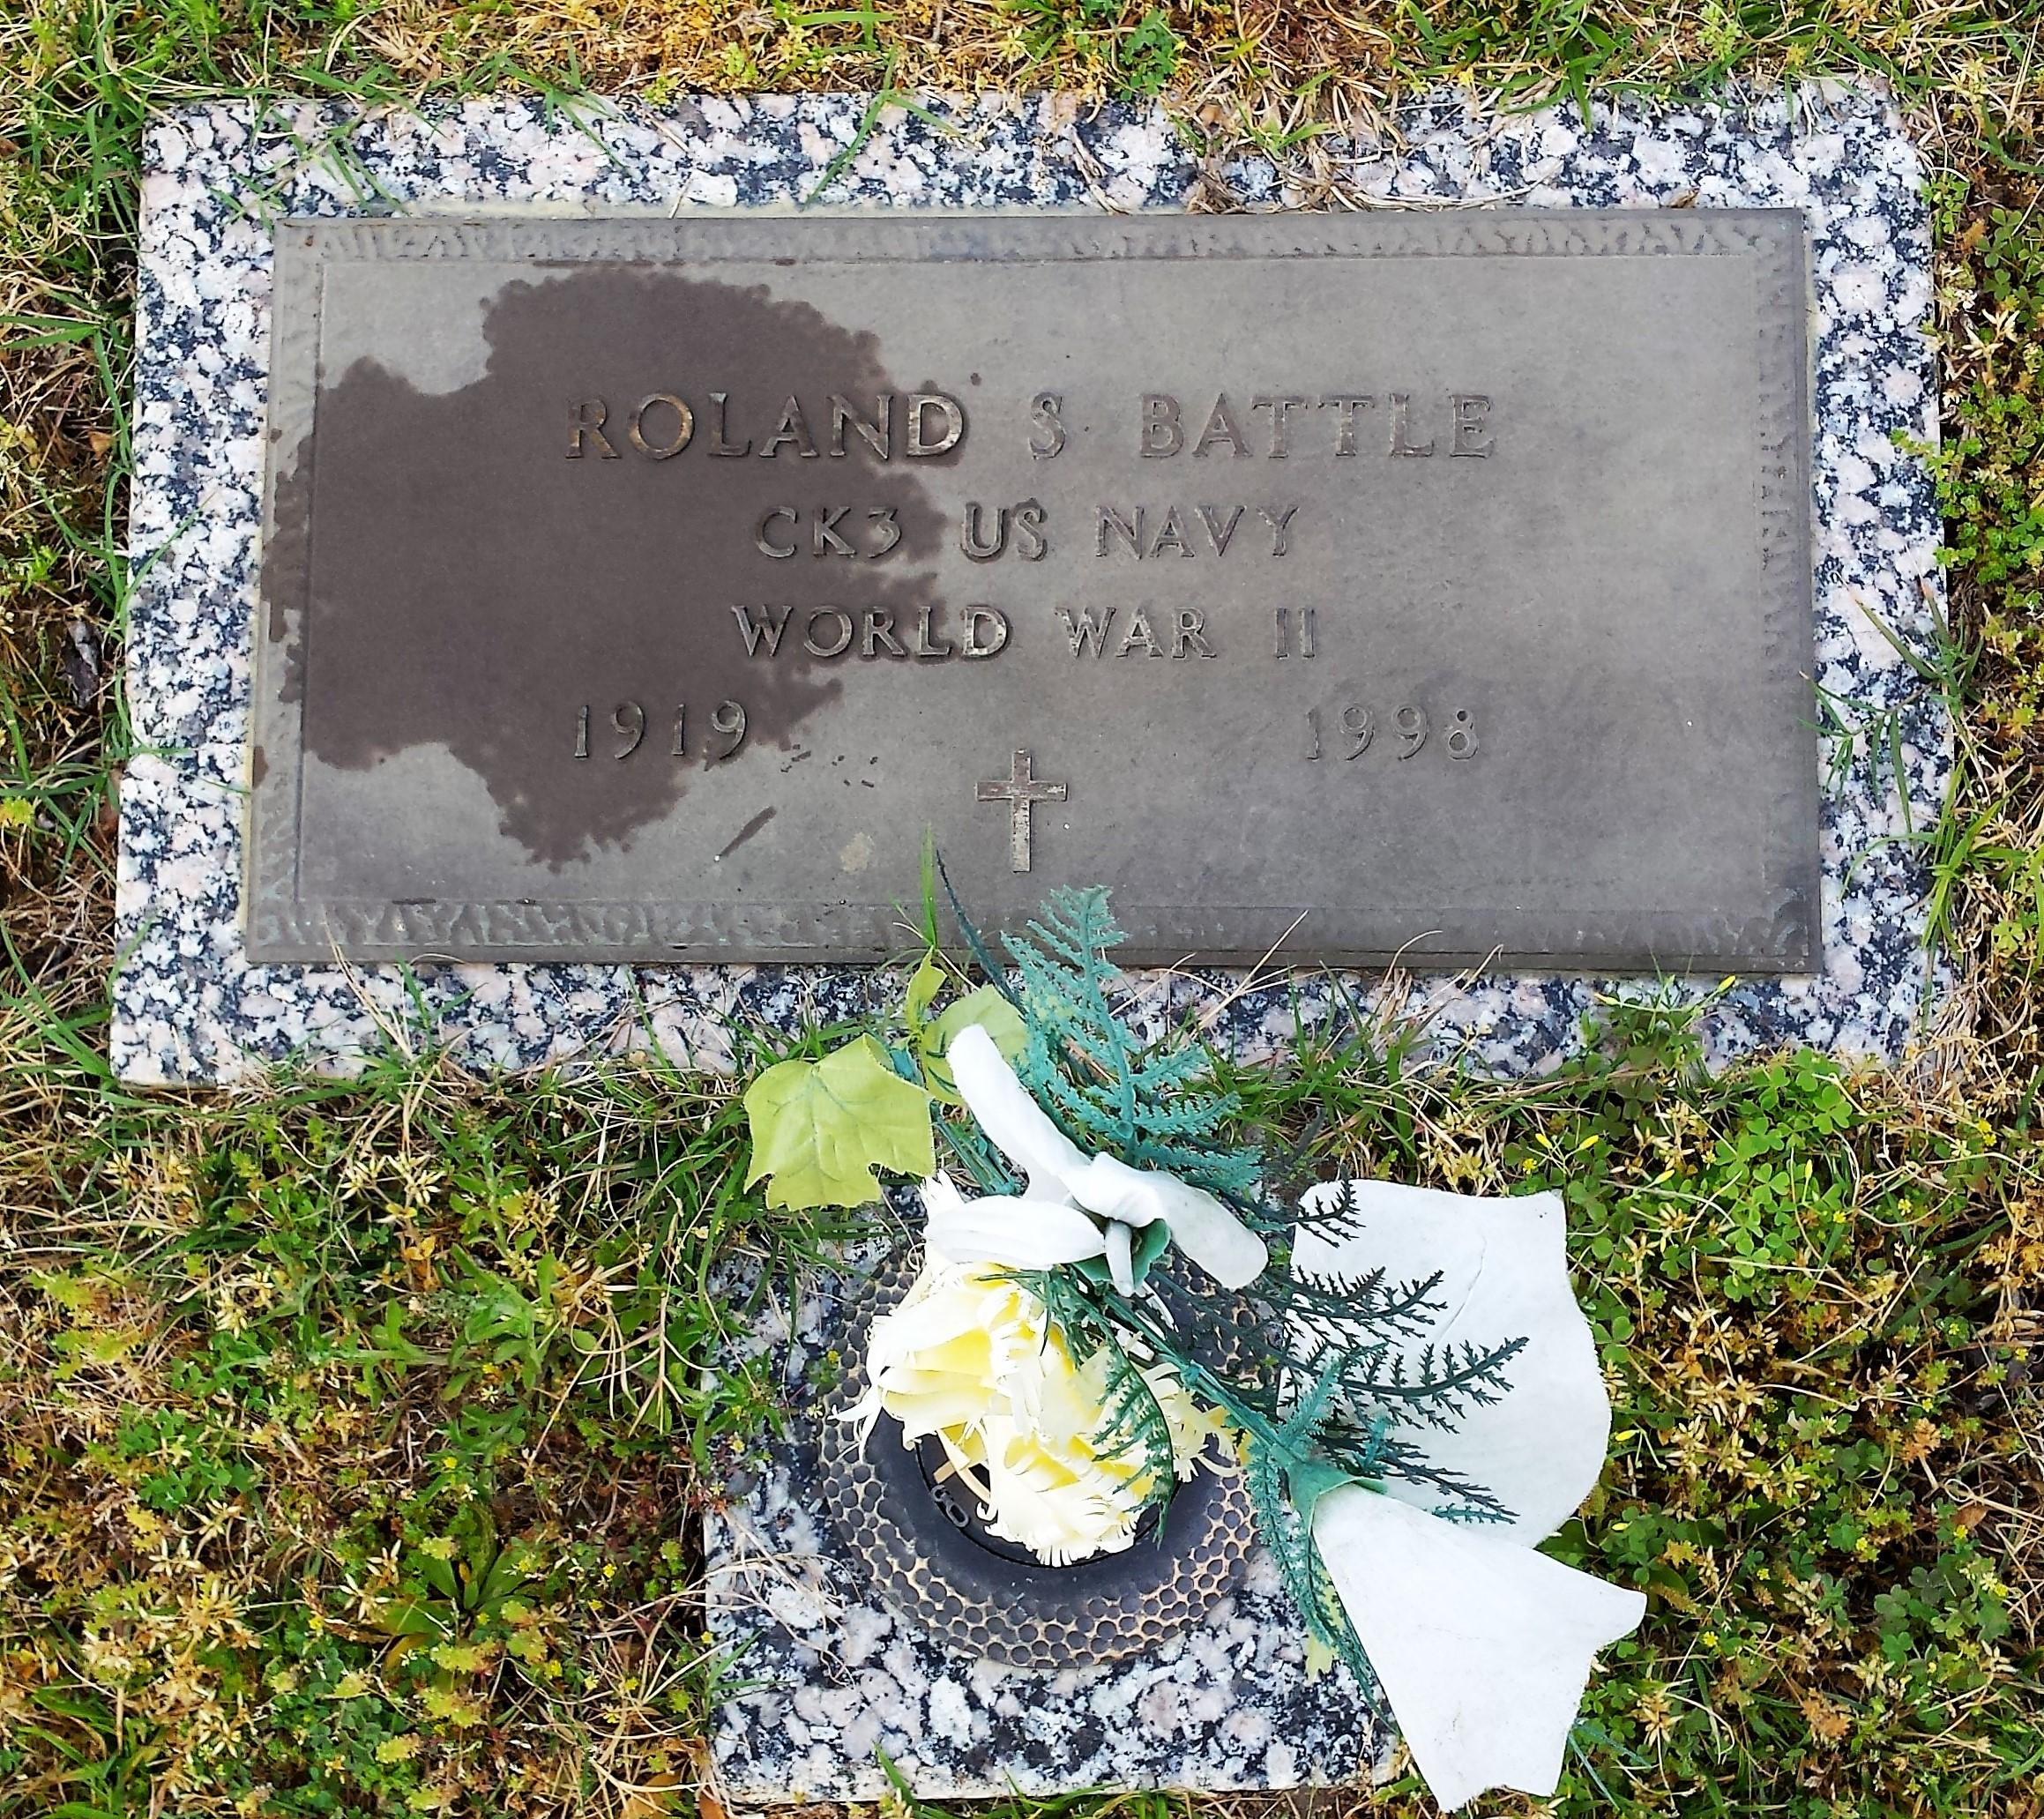 Roland Spencer Battle